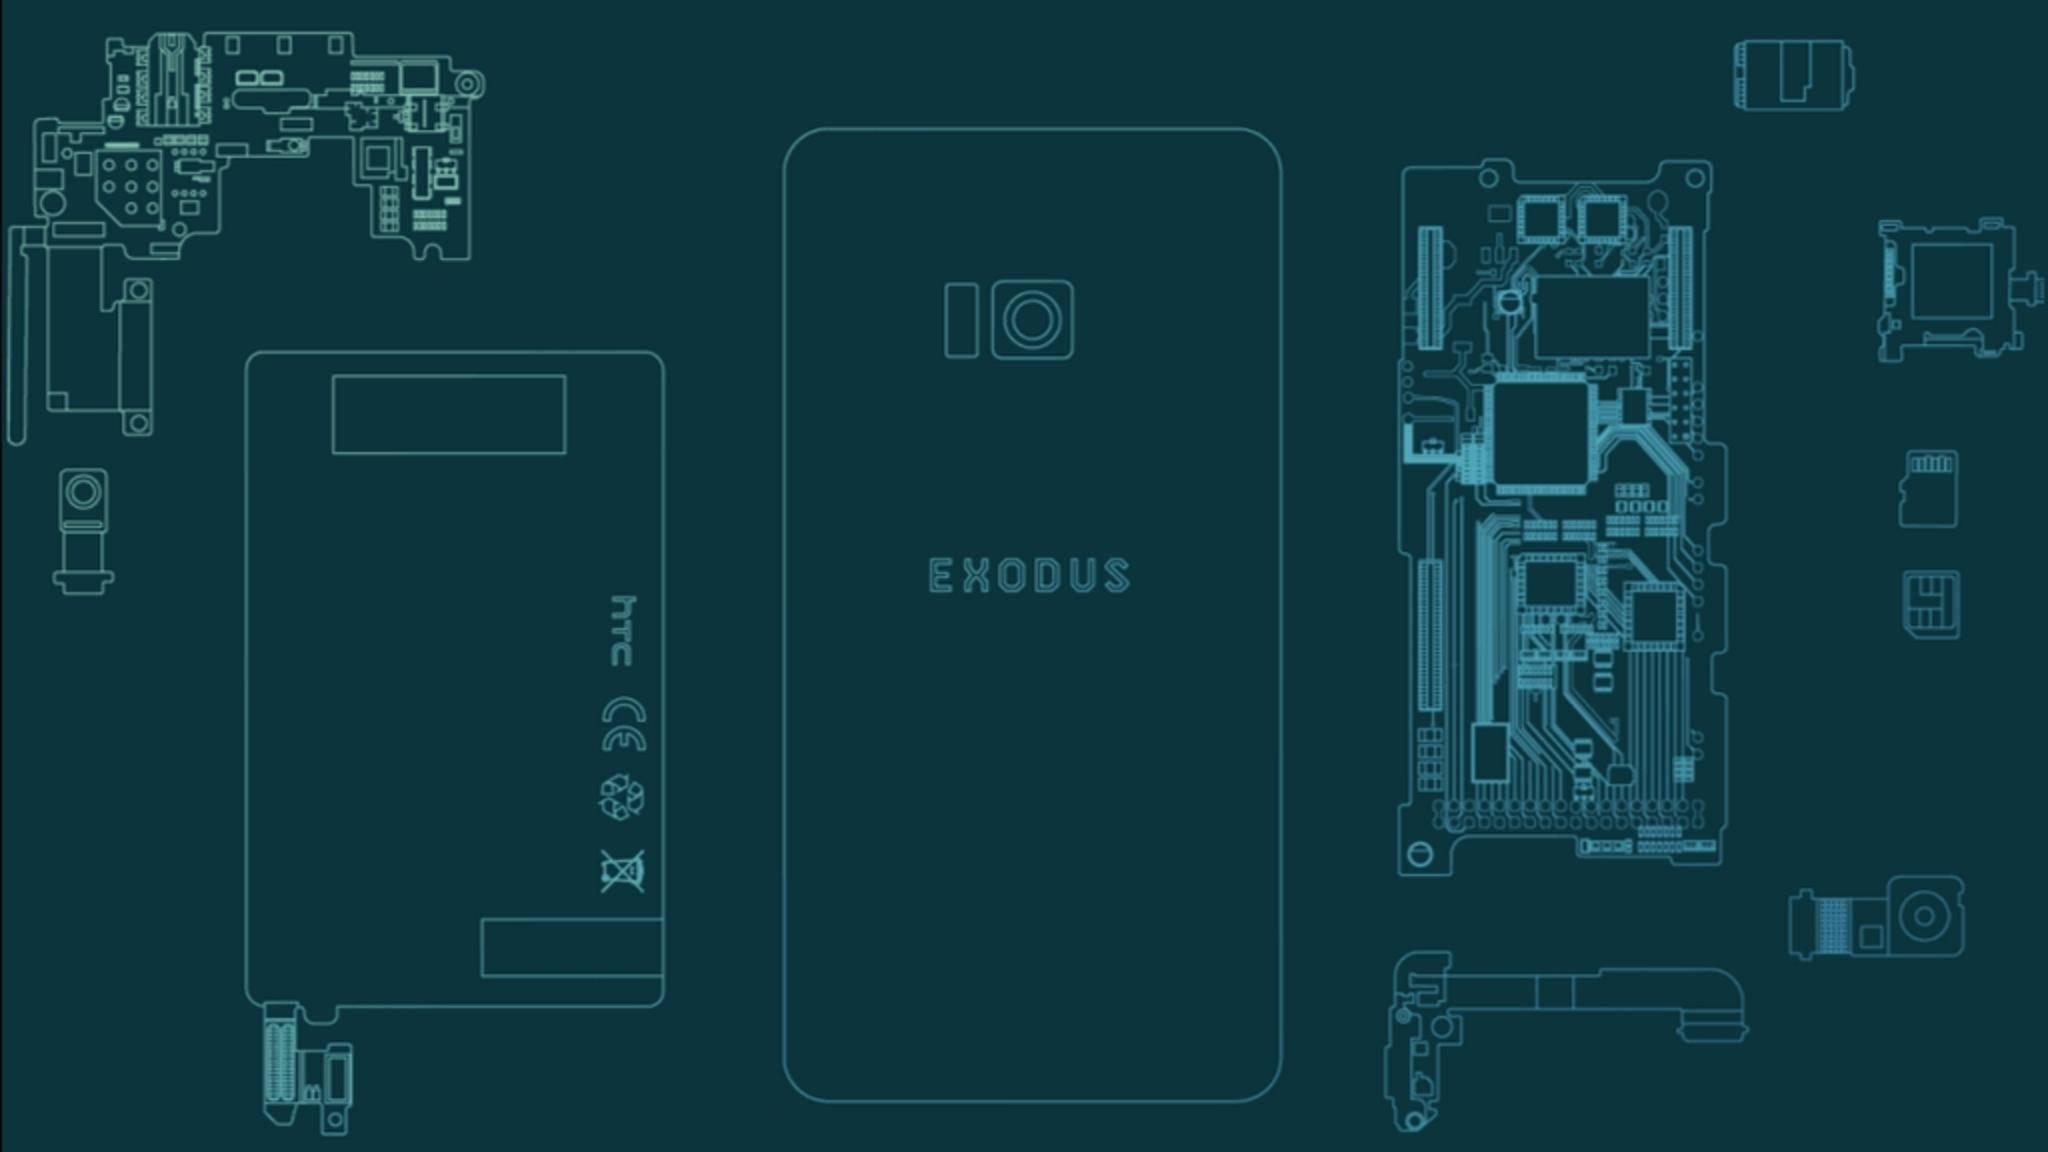 Das HTC Exodus soll speziell für das Mining und die Aufbewahrung von Kryptowährungen konzipiert sein.